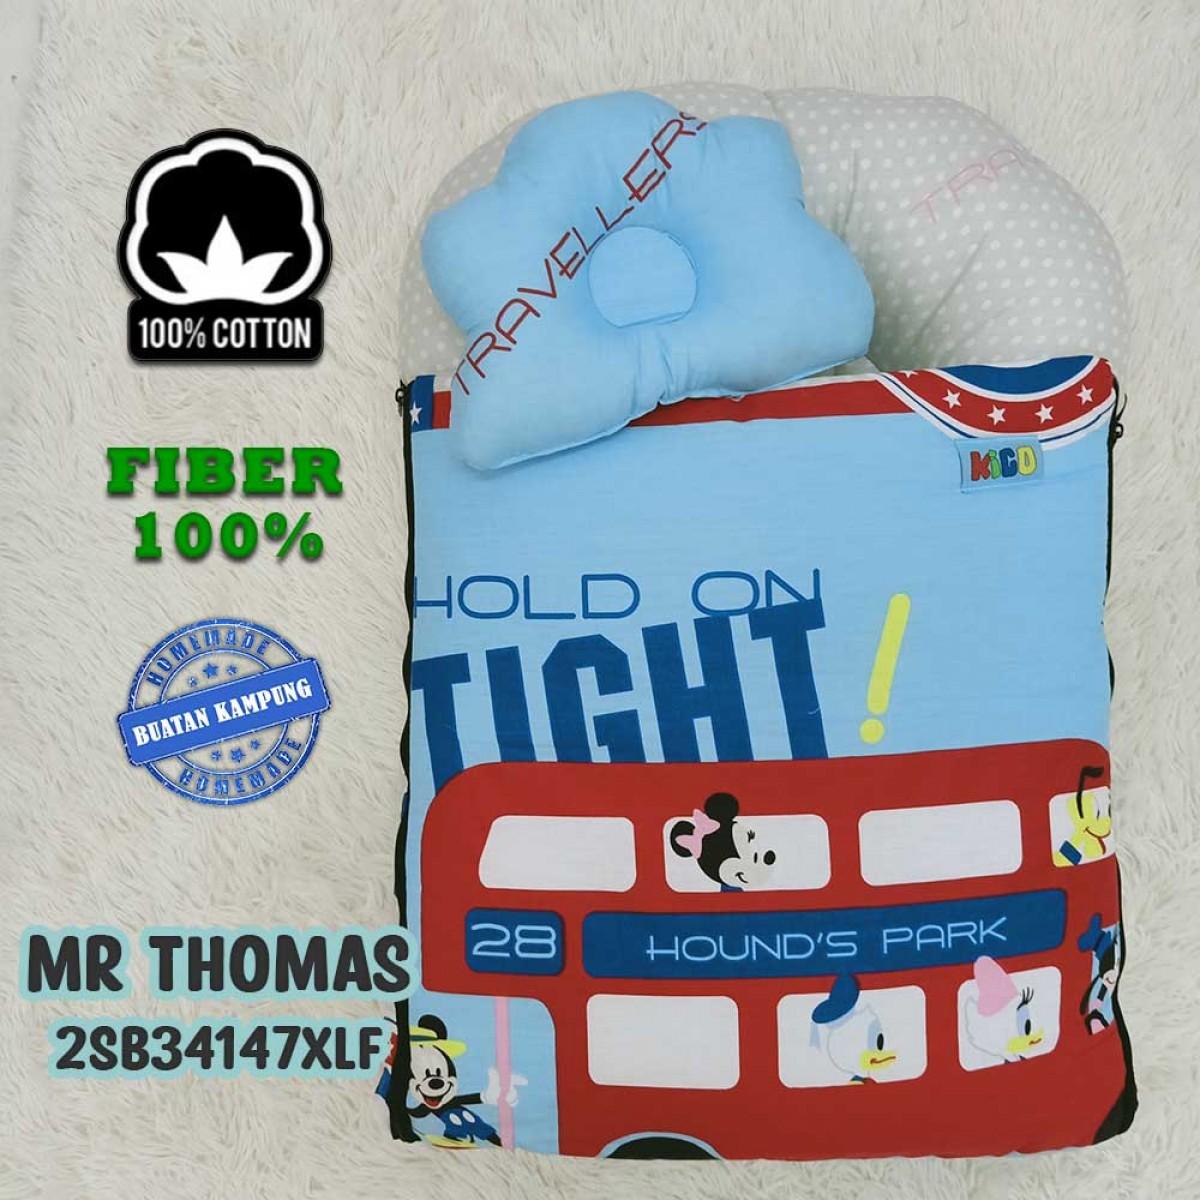 Mr Thomas - Kico Baby Center